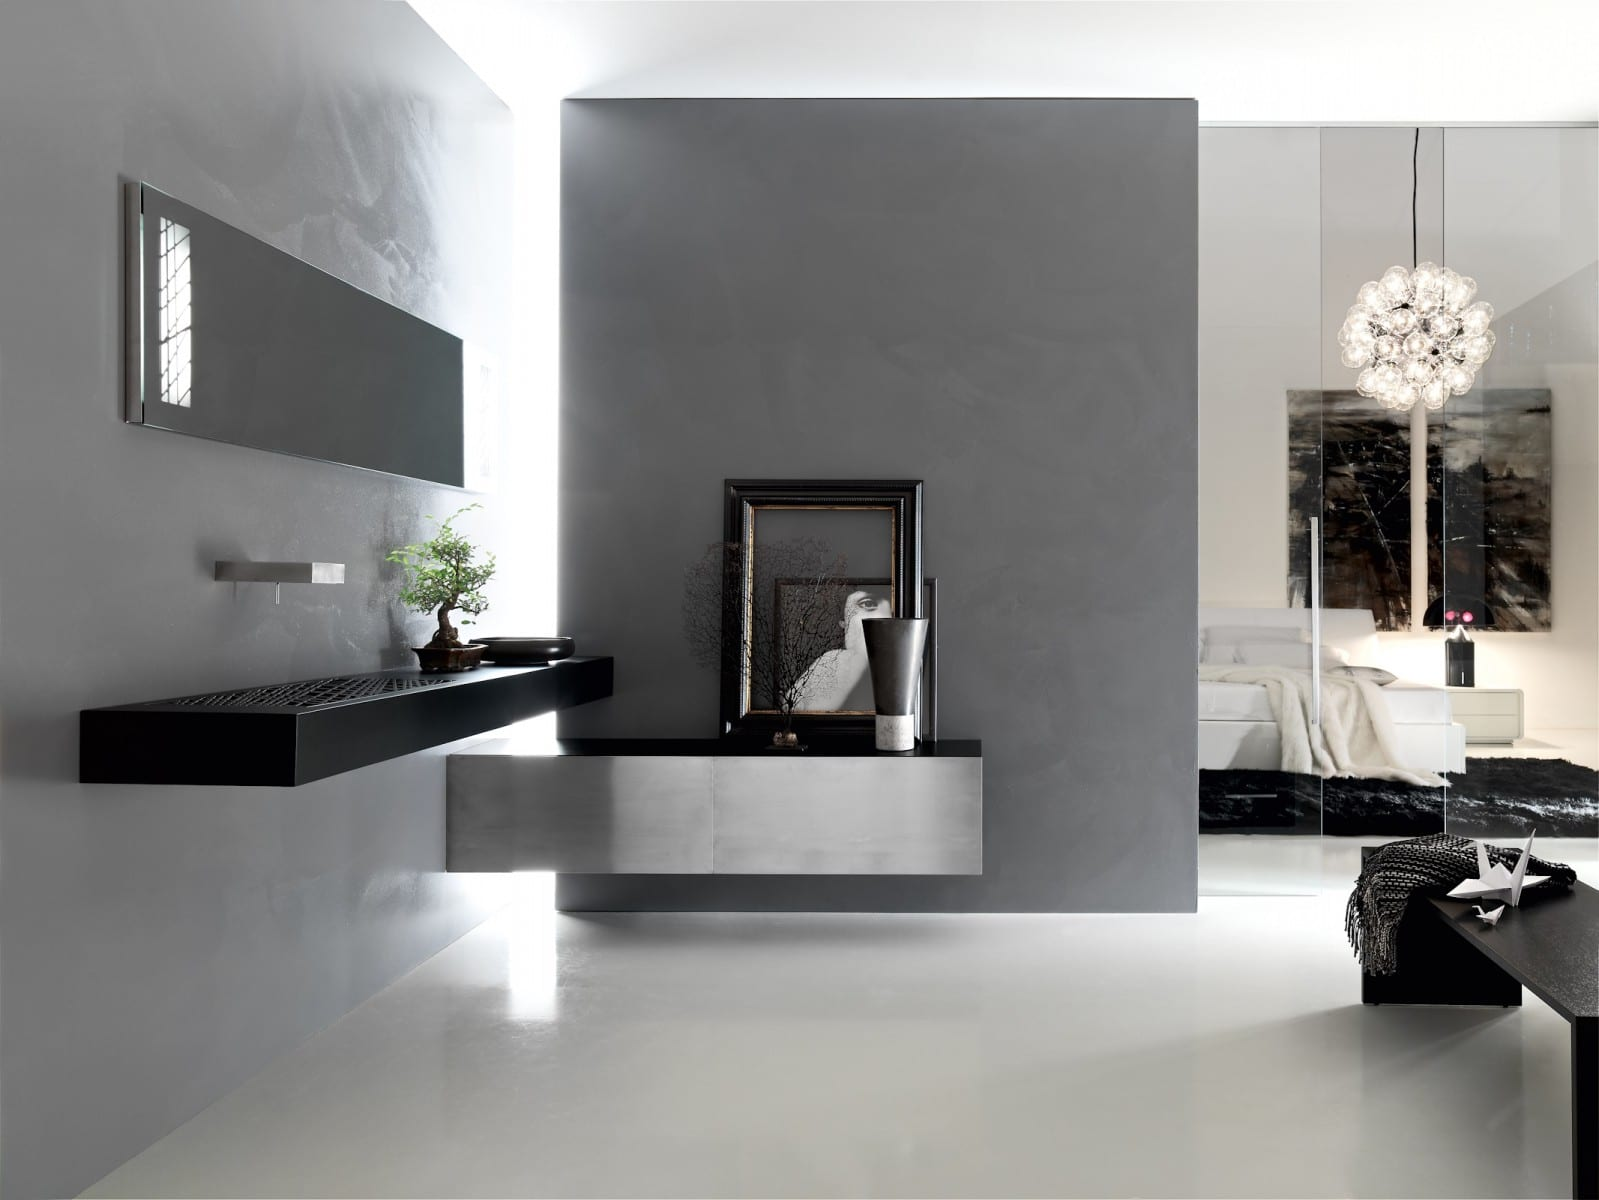 Dise o de cuartos de ba o modernos fotos construye hogar - Fotos cuartos de bano ...